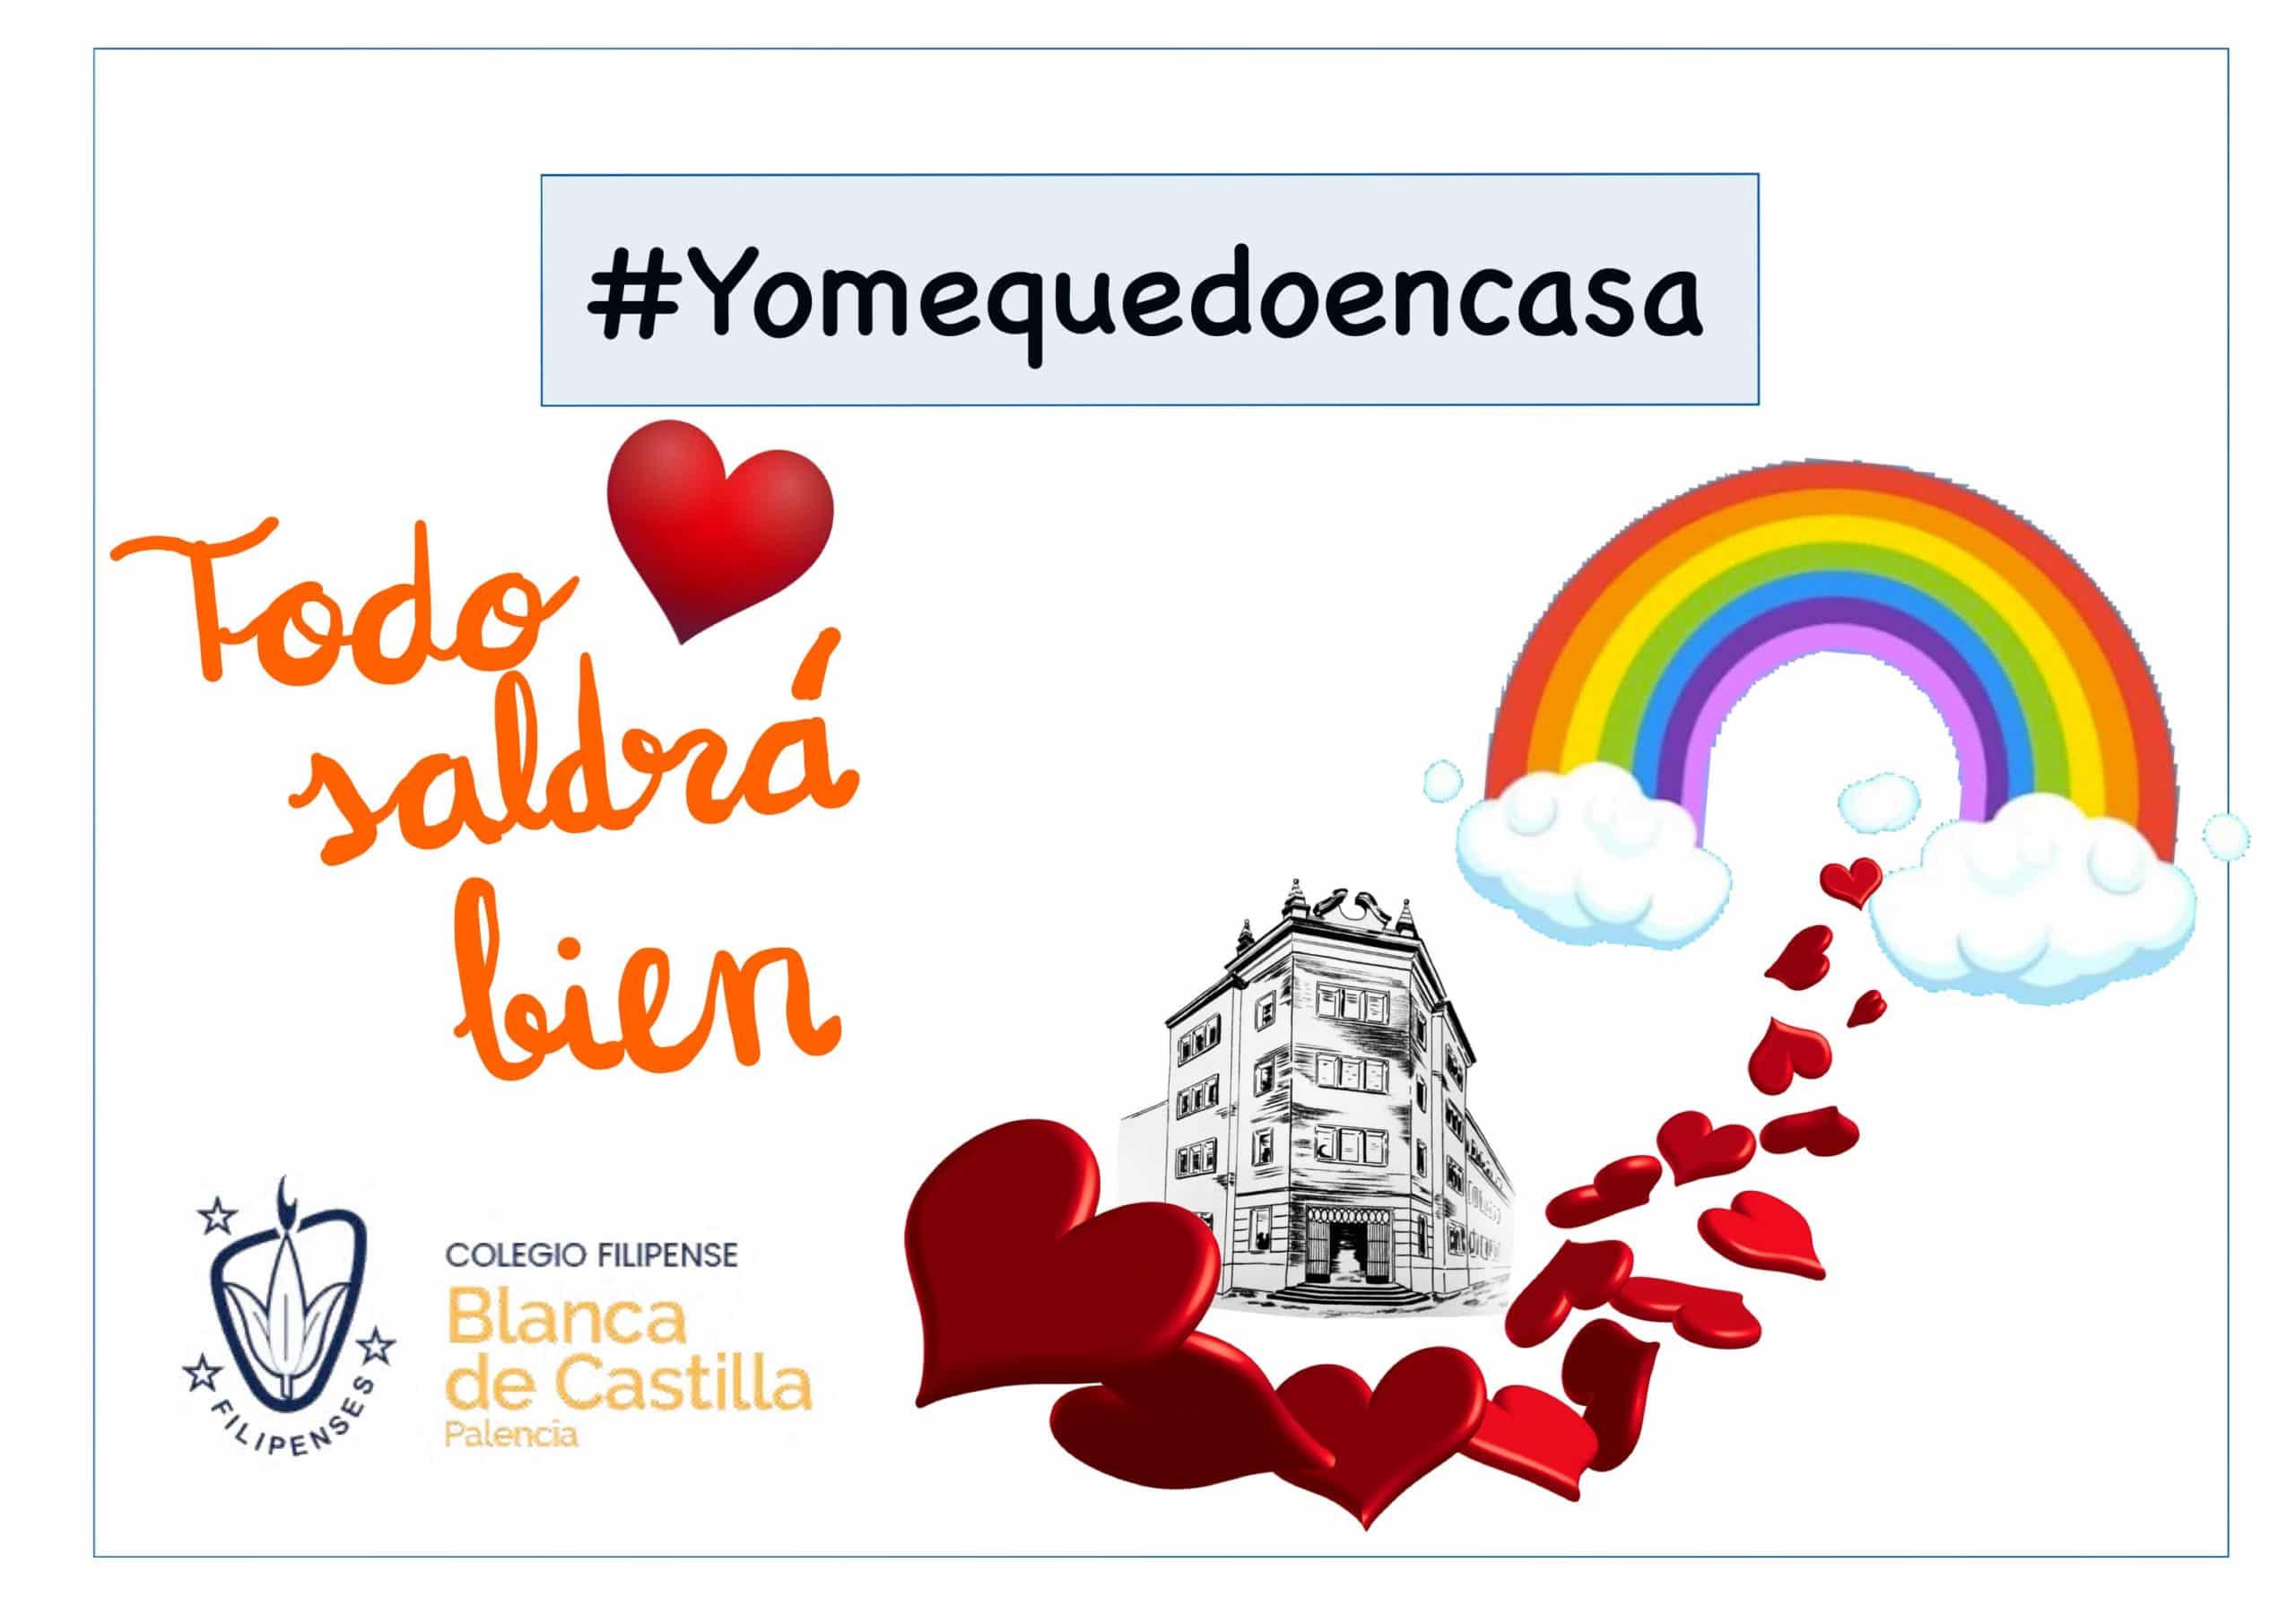 Queridos alumnos #Yomequedoencasa